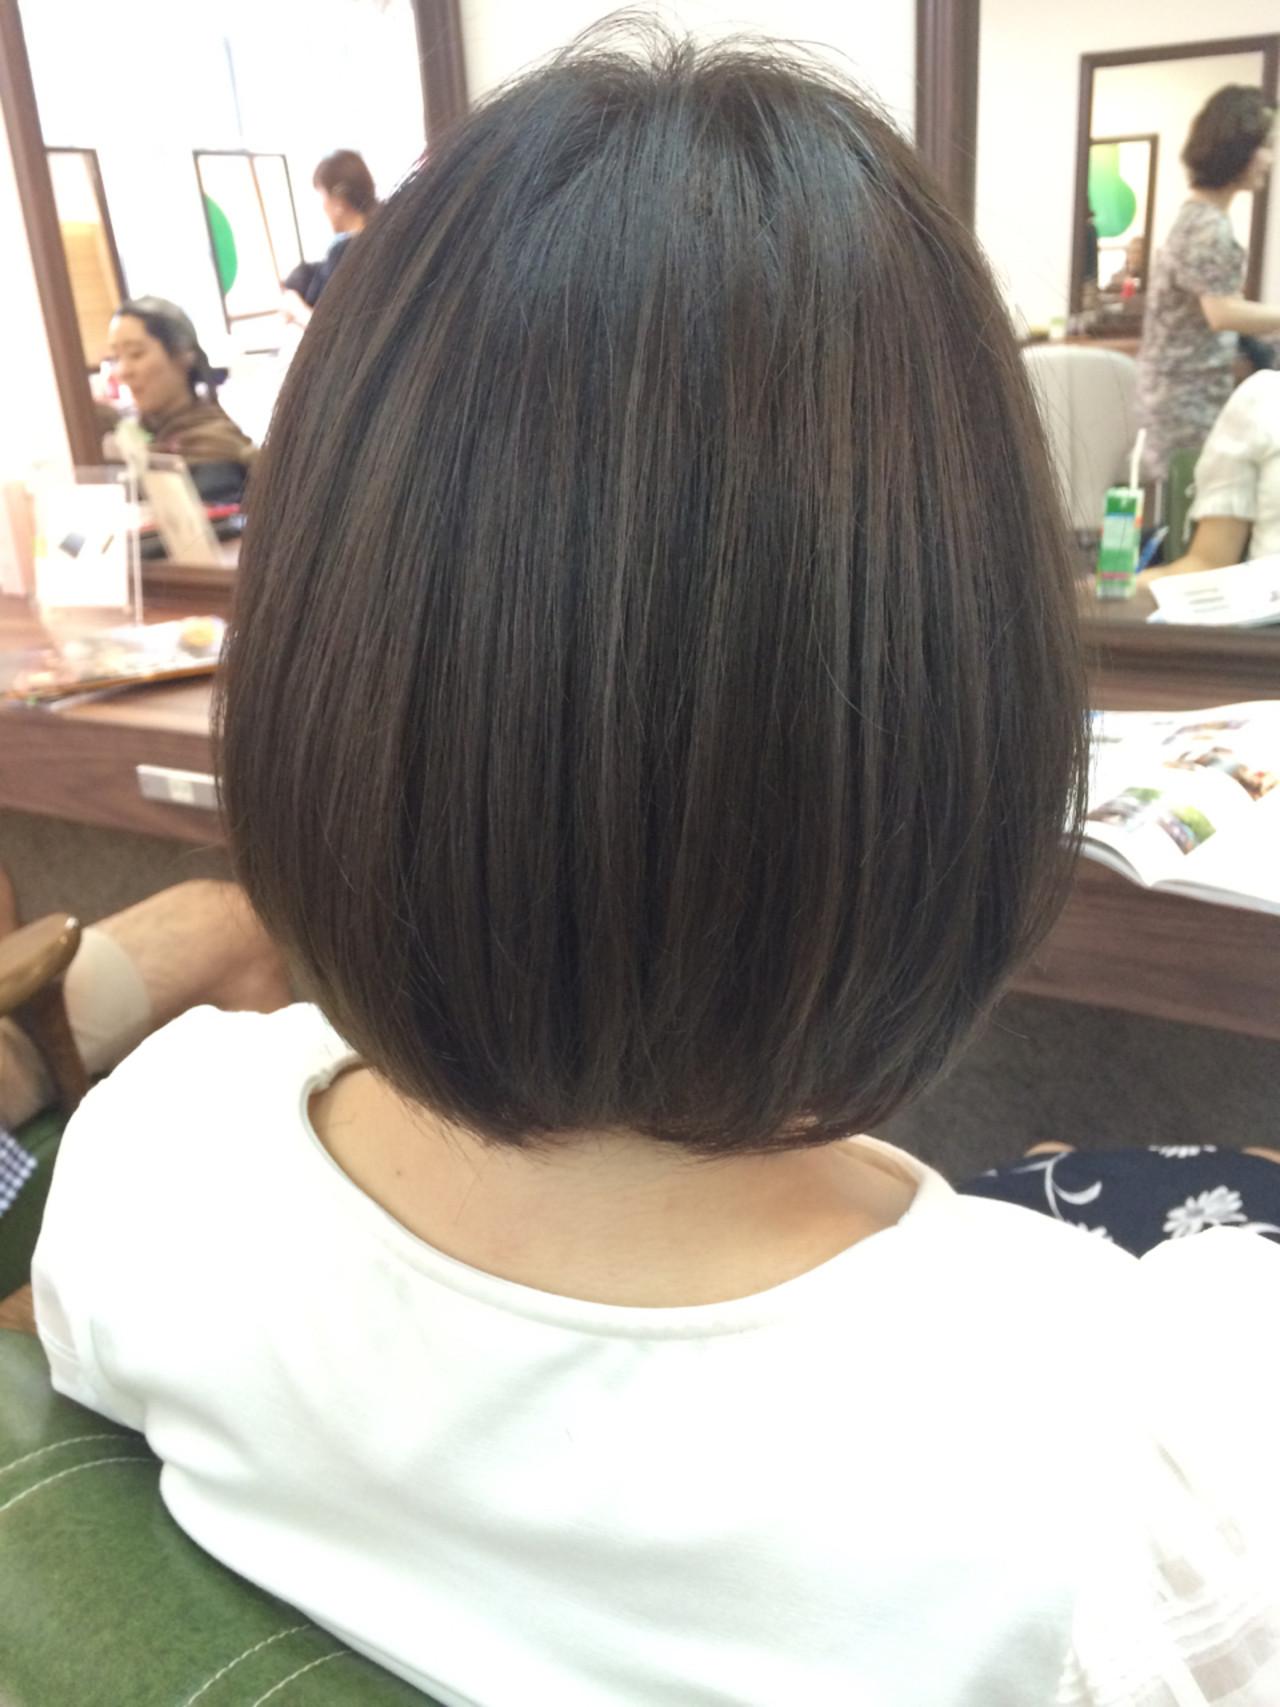 くせ毛風 ボブ ストリート ピュア ヘアスタイルや髪型の写真・画像 | 山本悠平 / hair salon nano